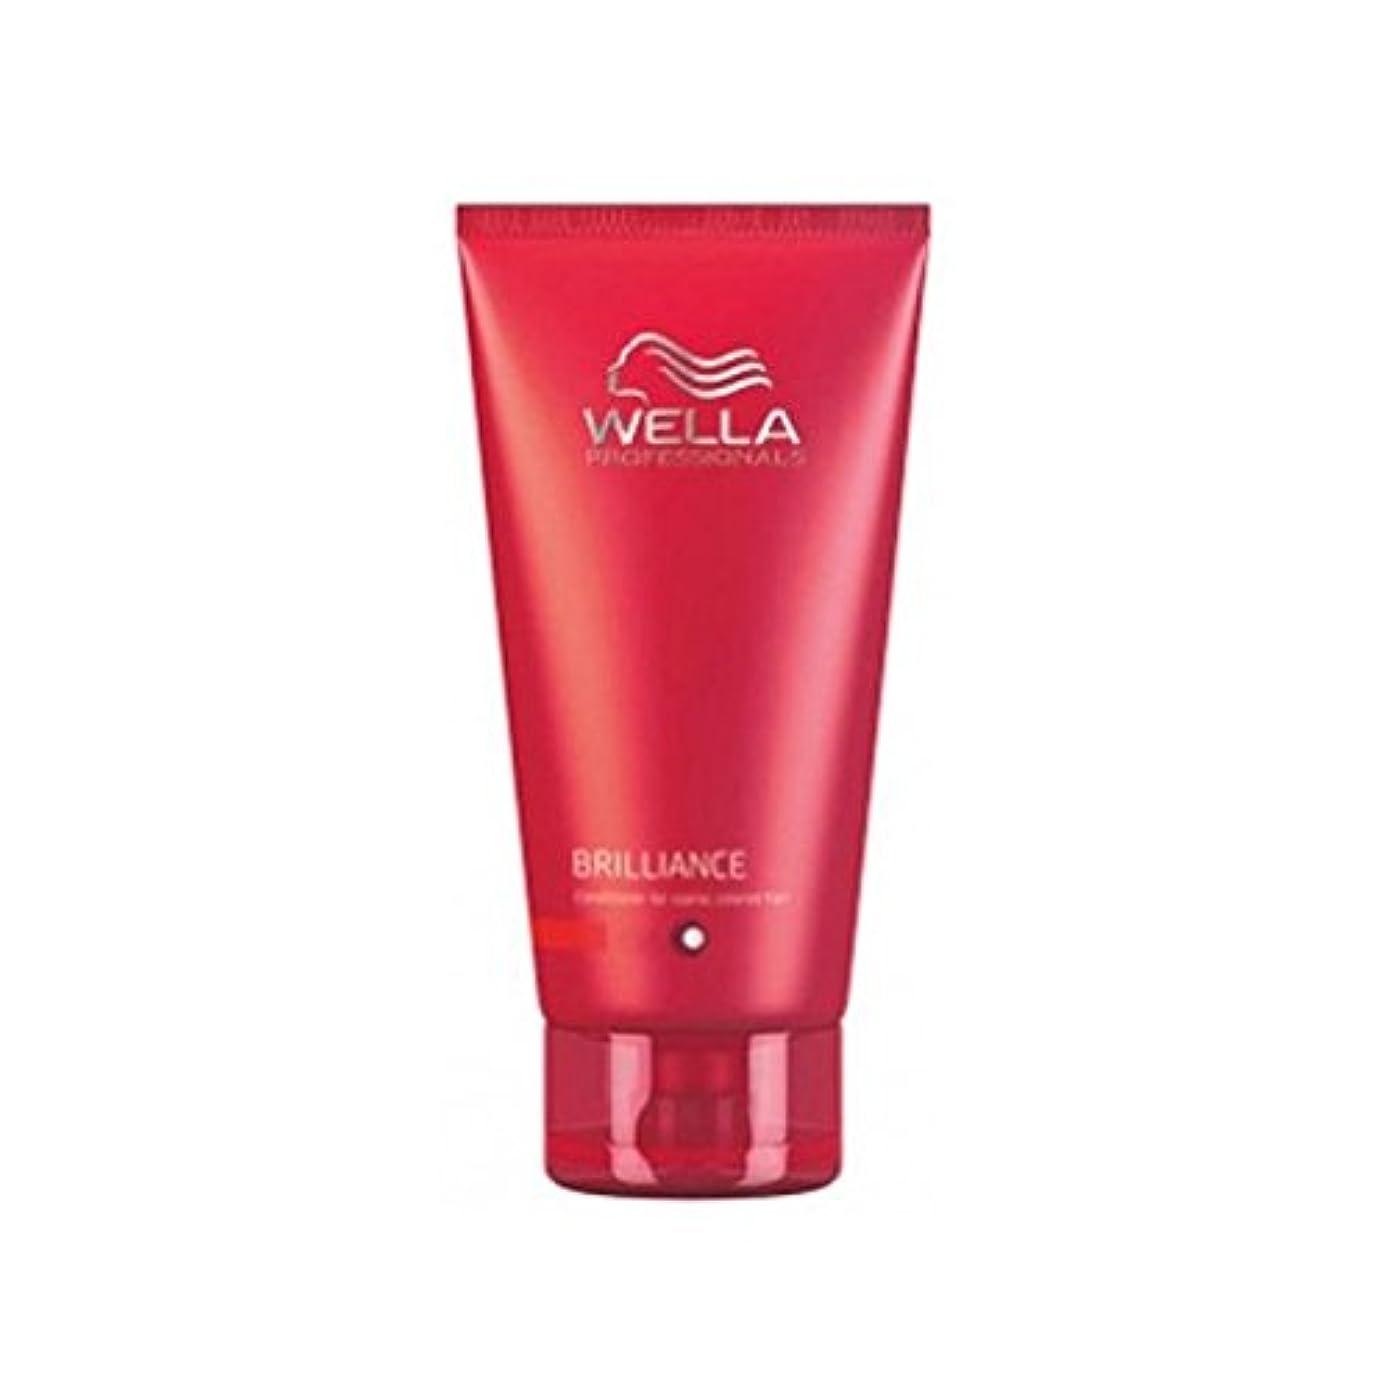 ジェスチャーオリエンタル頑固なウェラの専門家が通常に細かいためのコンディショナーを輝き、色の髪(200ミリリットル) x2 - Wella Professionals Brilliance Conditioner For Fine To Normal...